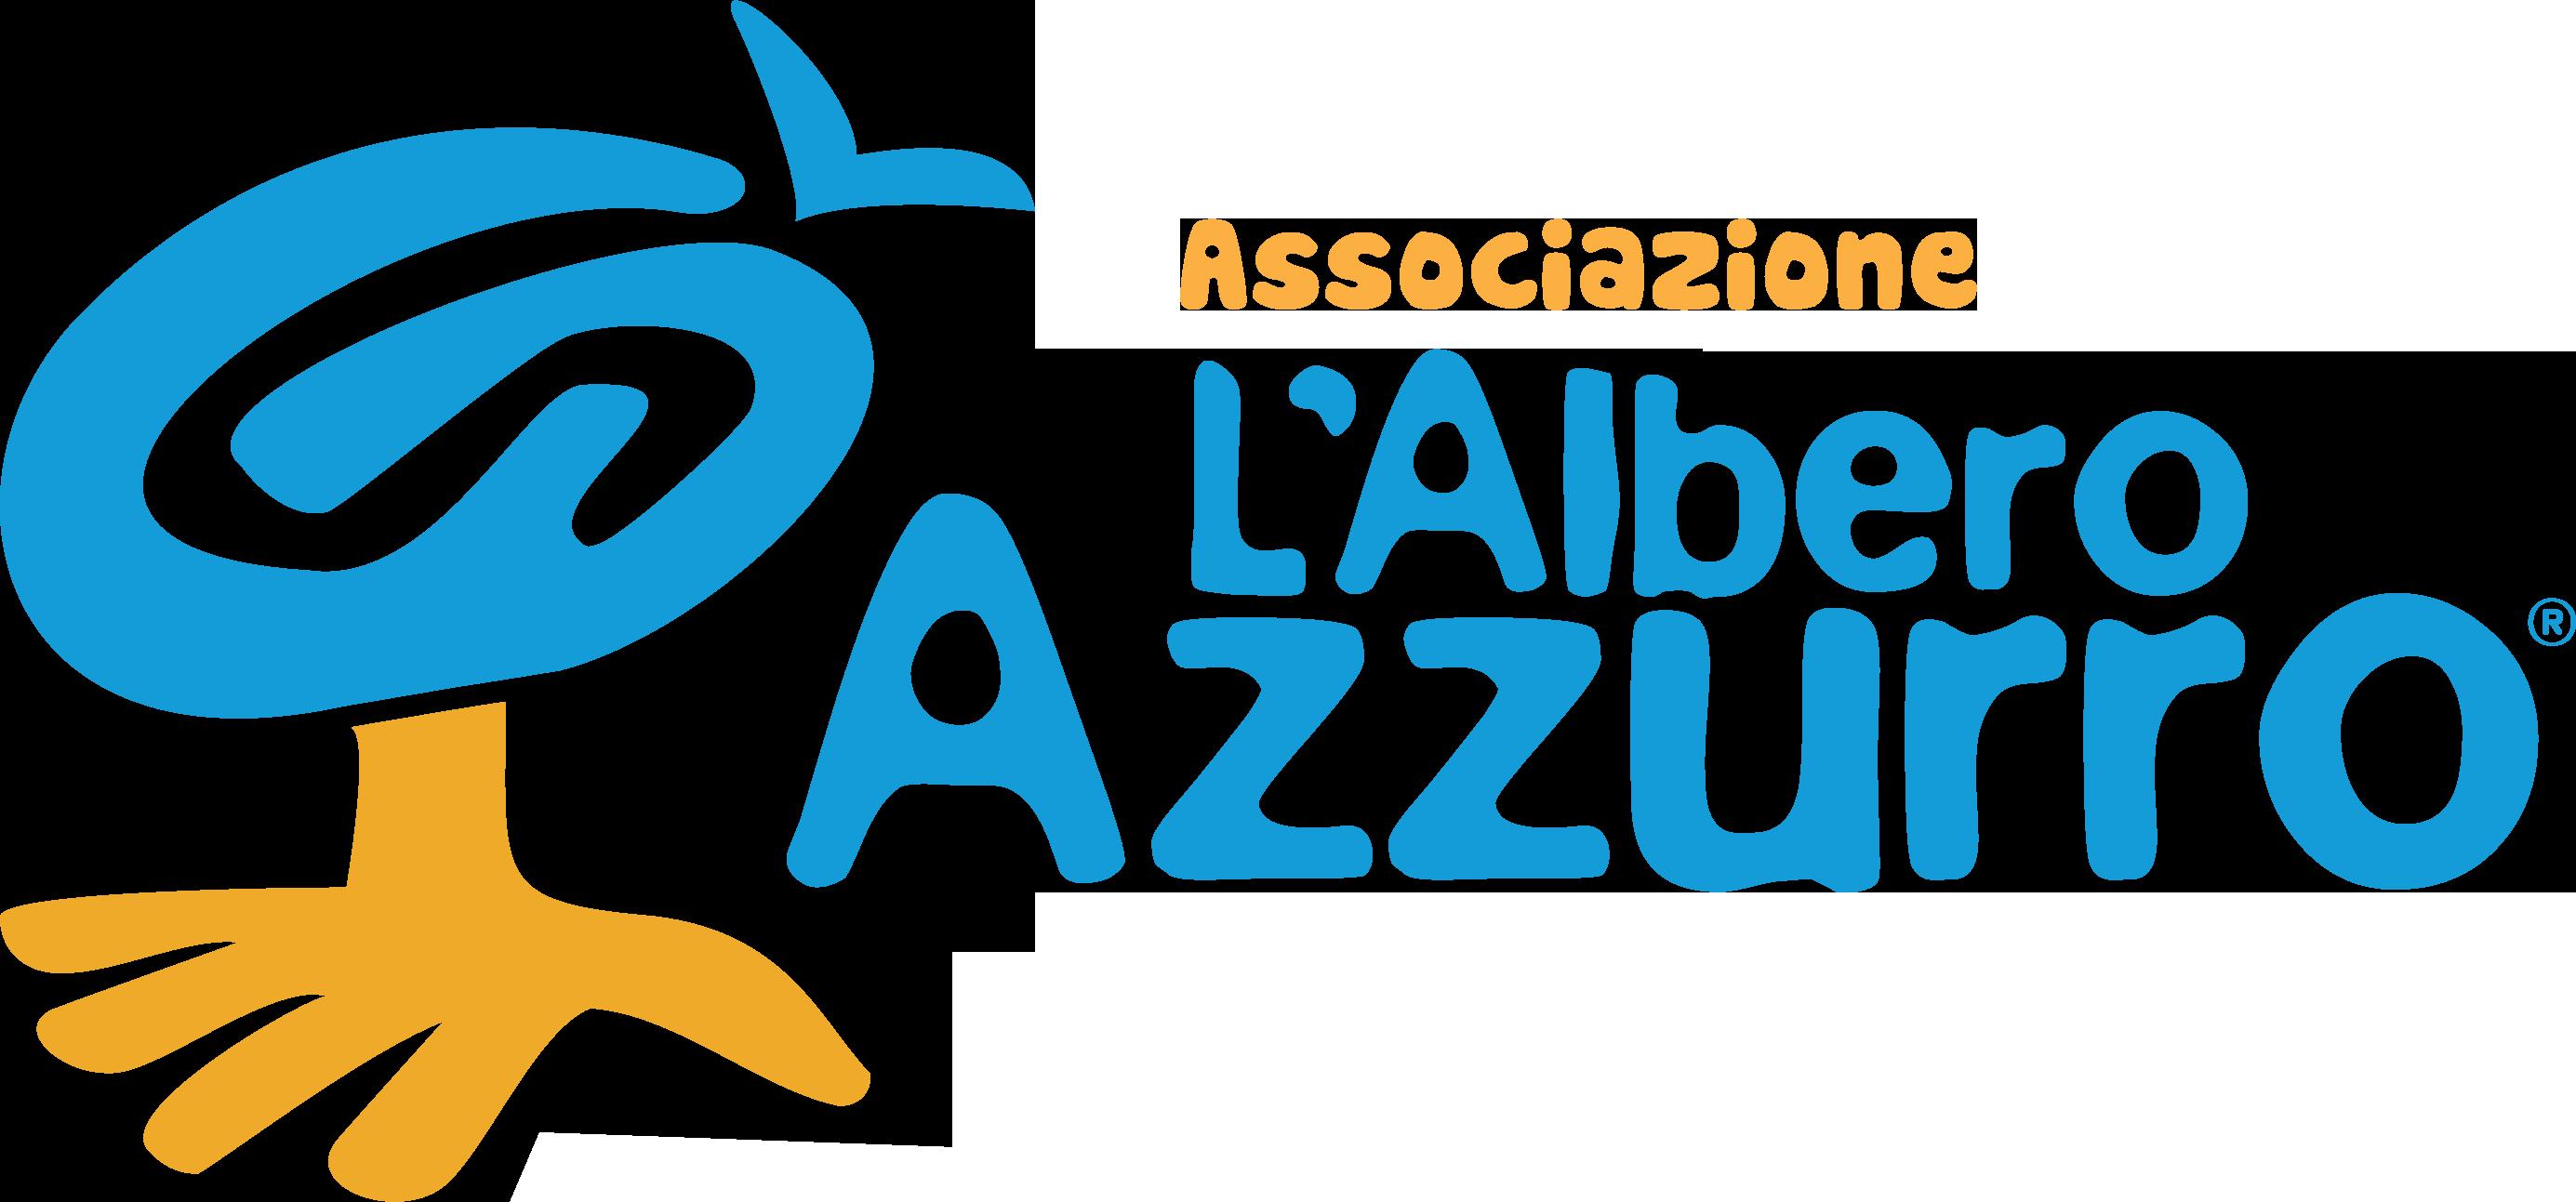 Associazione L'Albero Azzurro